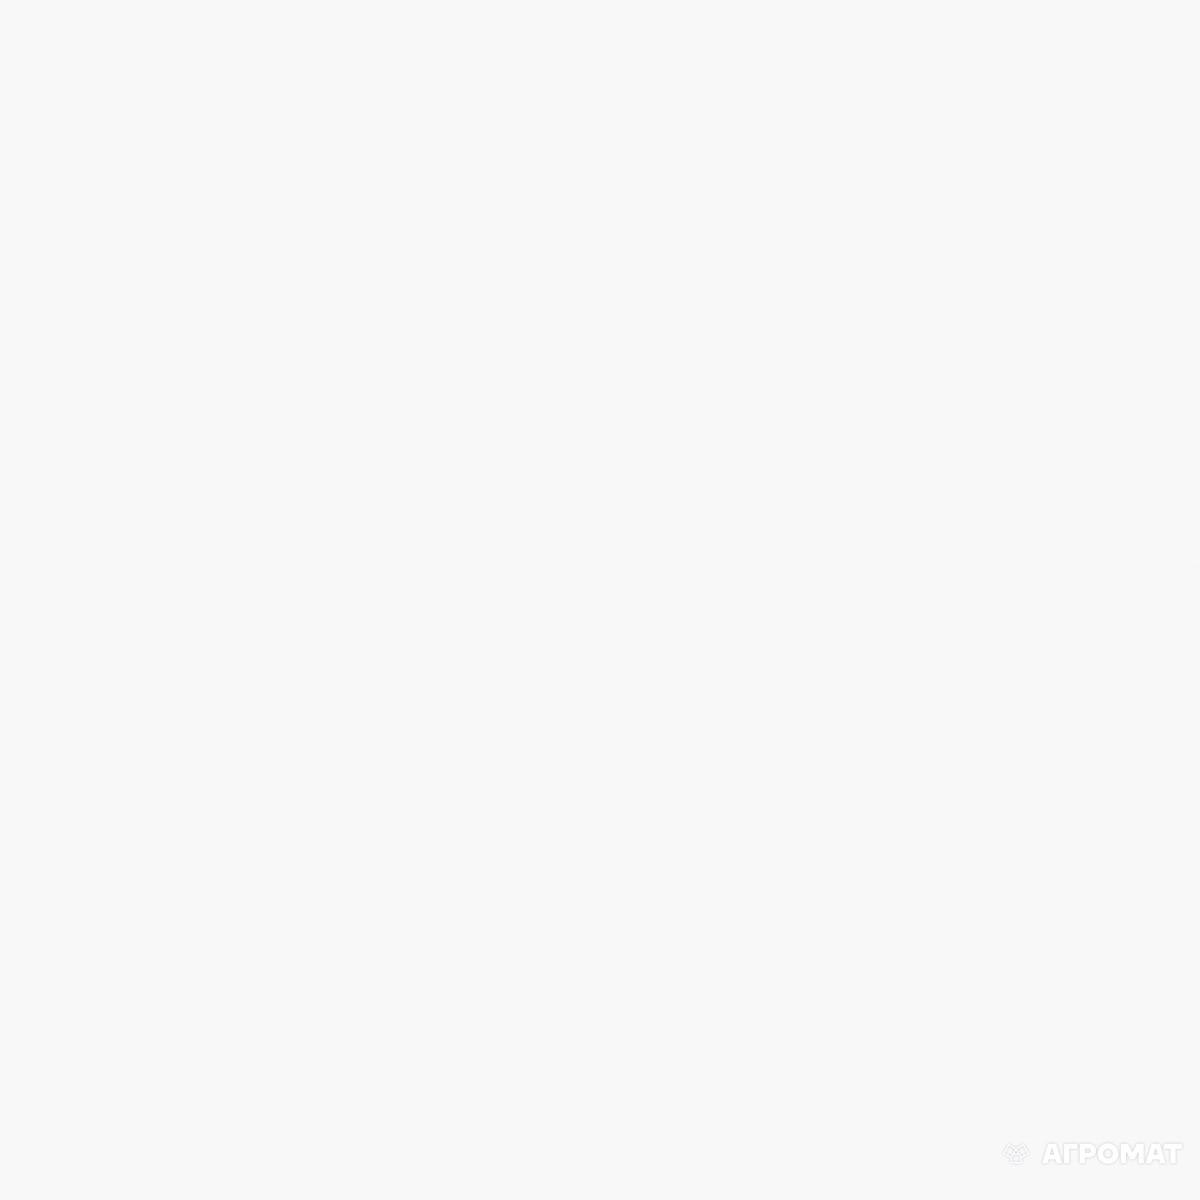 Плитка Lasselsberger Rako COLOR ONE WAA19000 белый арт.(405502)